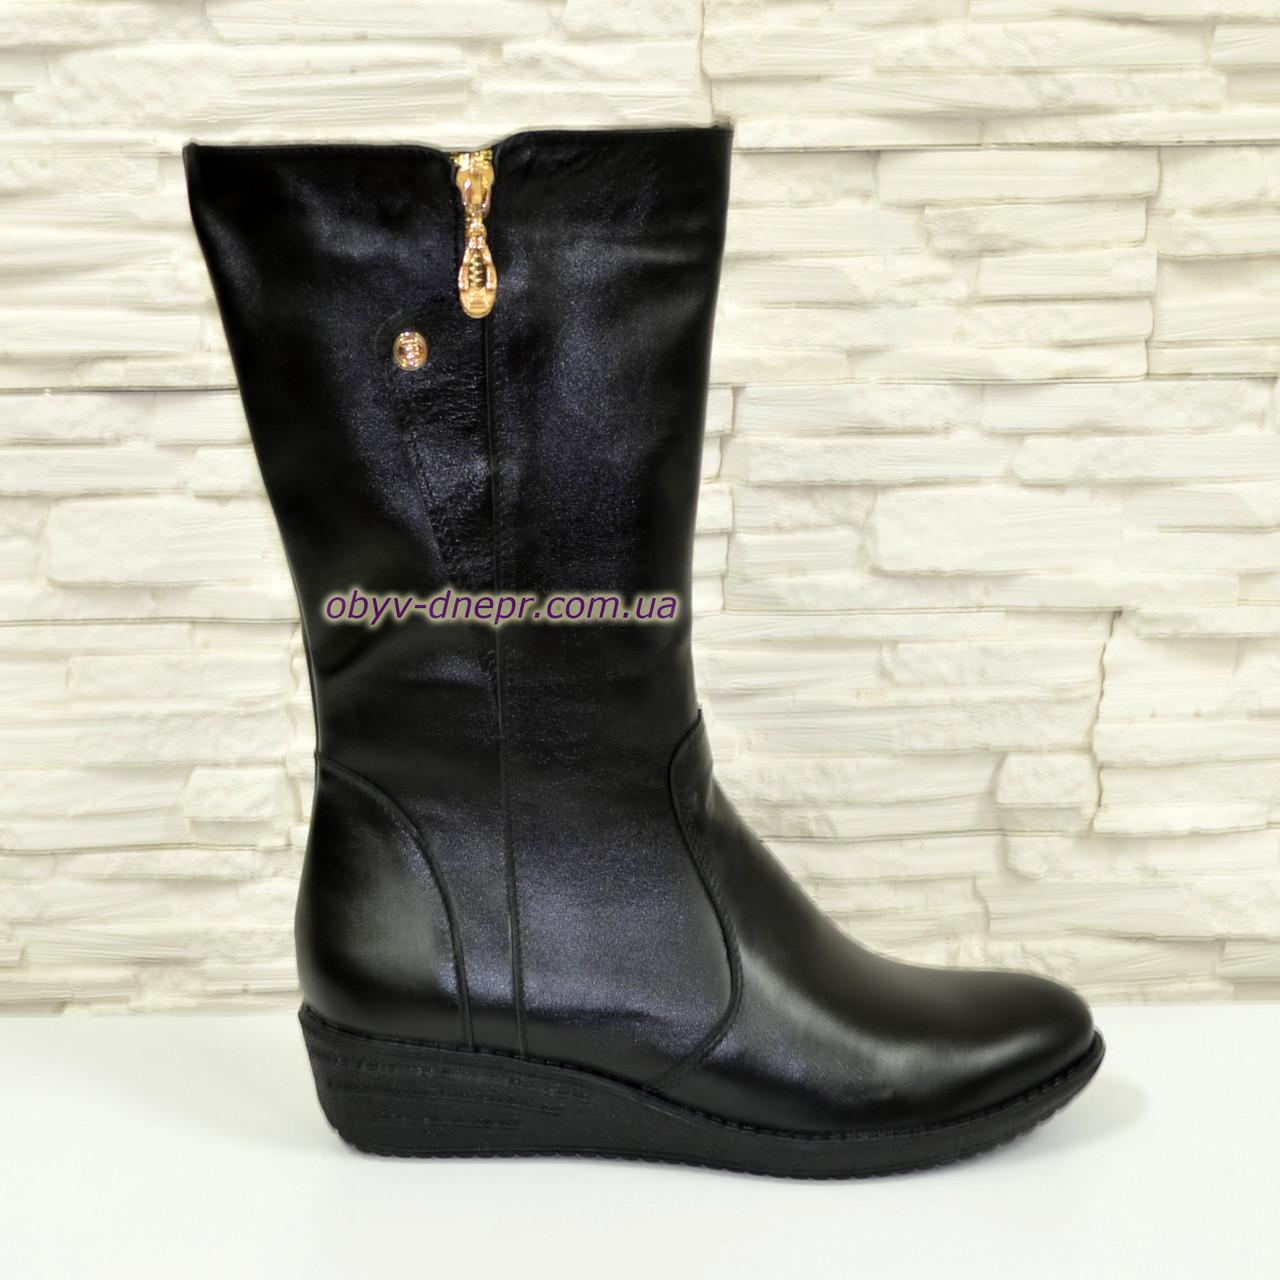 Женские зимние ботинки на невысокой платформе, натуральная черная кожа. Широкая голень! 38 размер